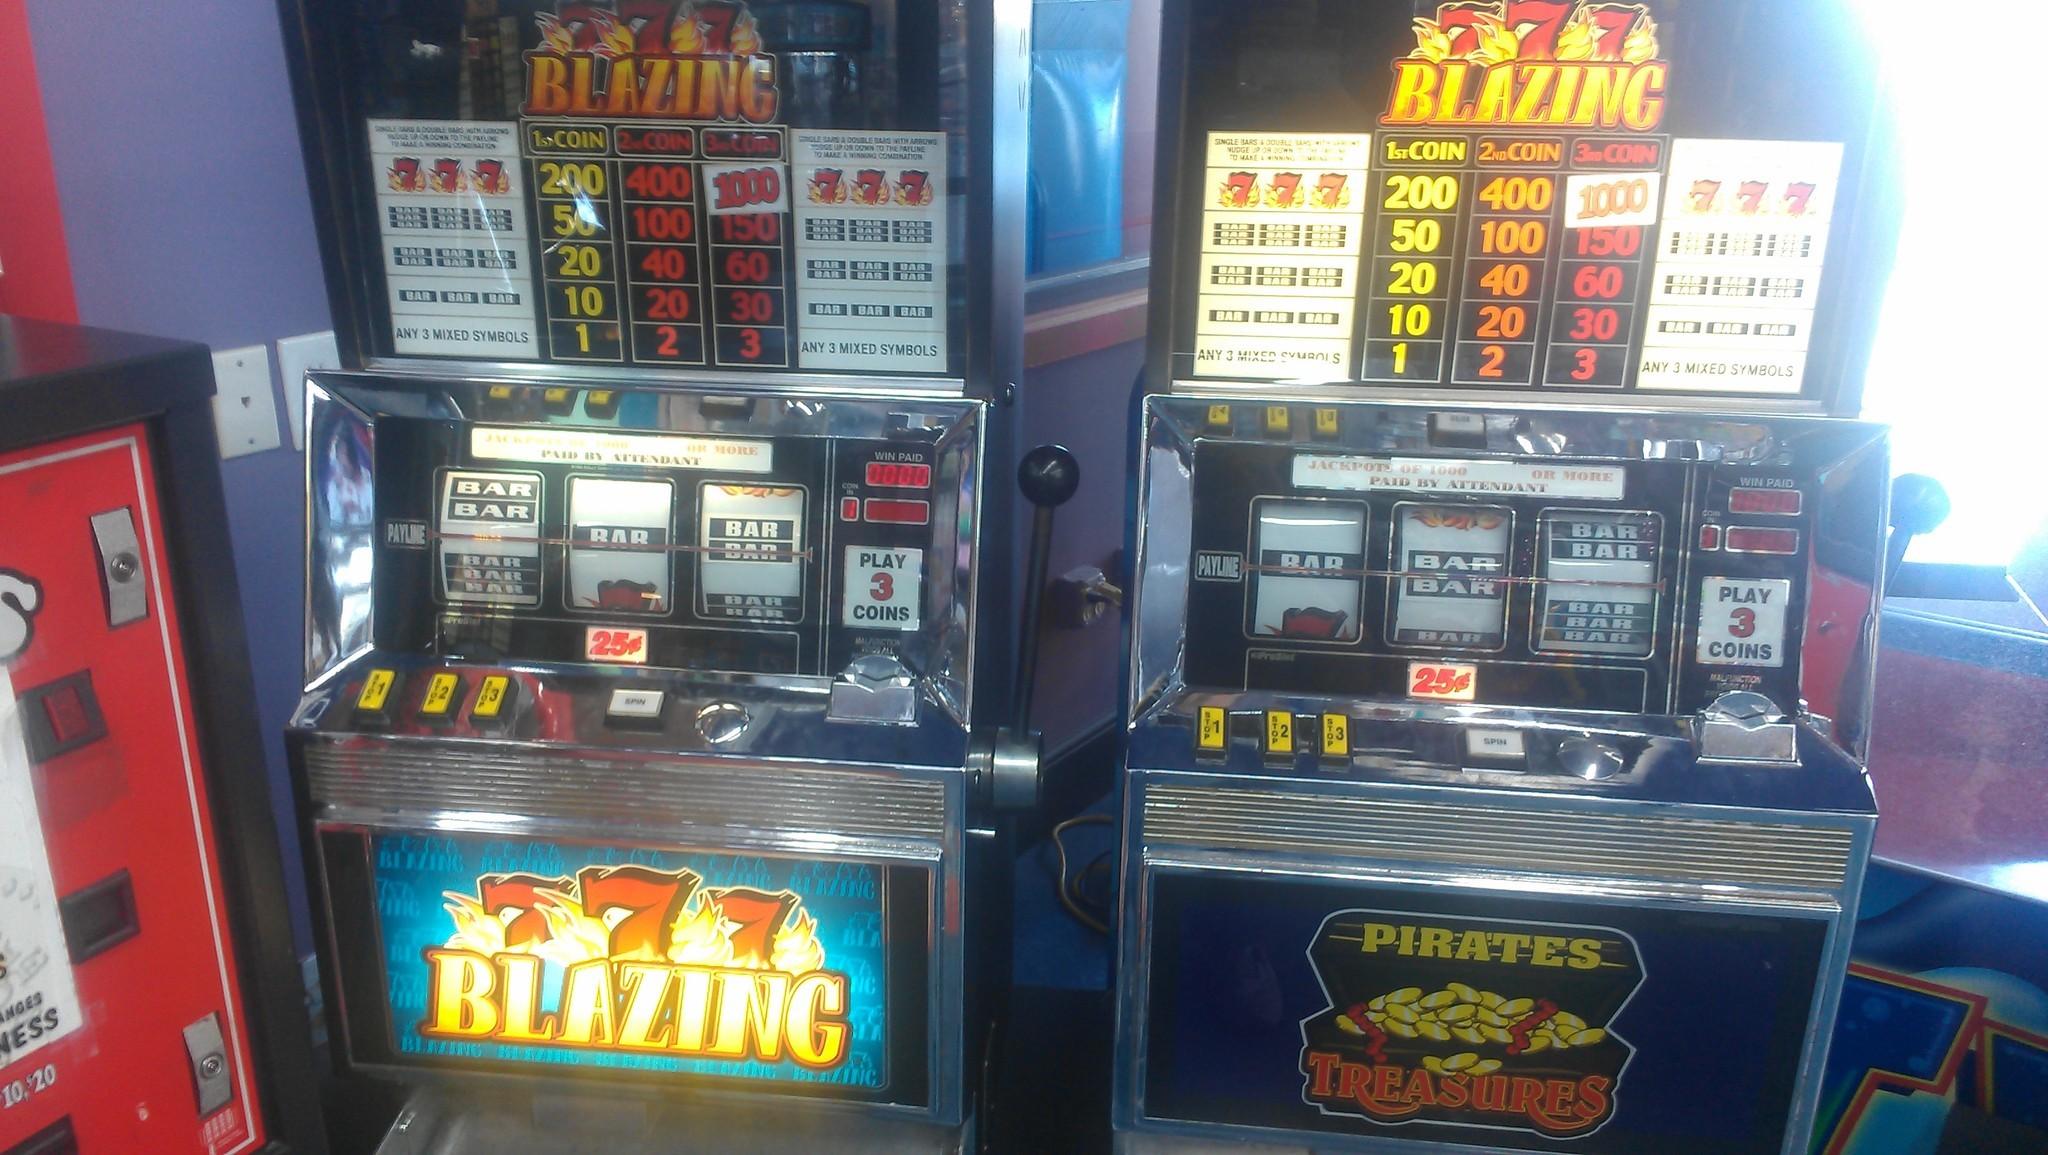 Internet cafe, senior arcades: 4 gambling experiences - Sun